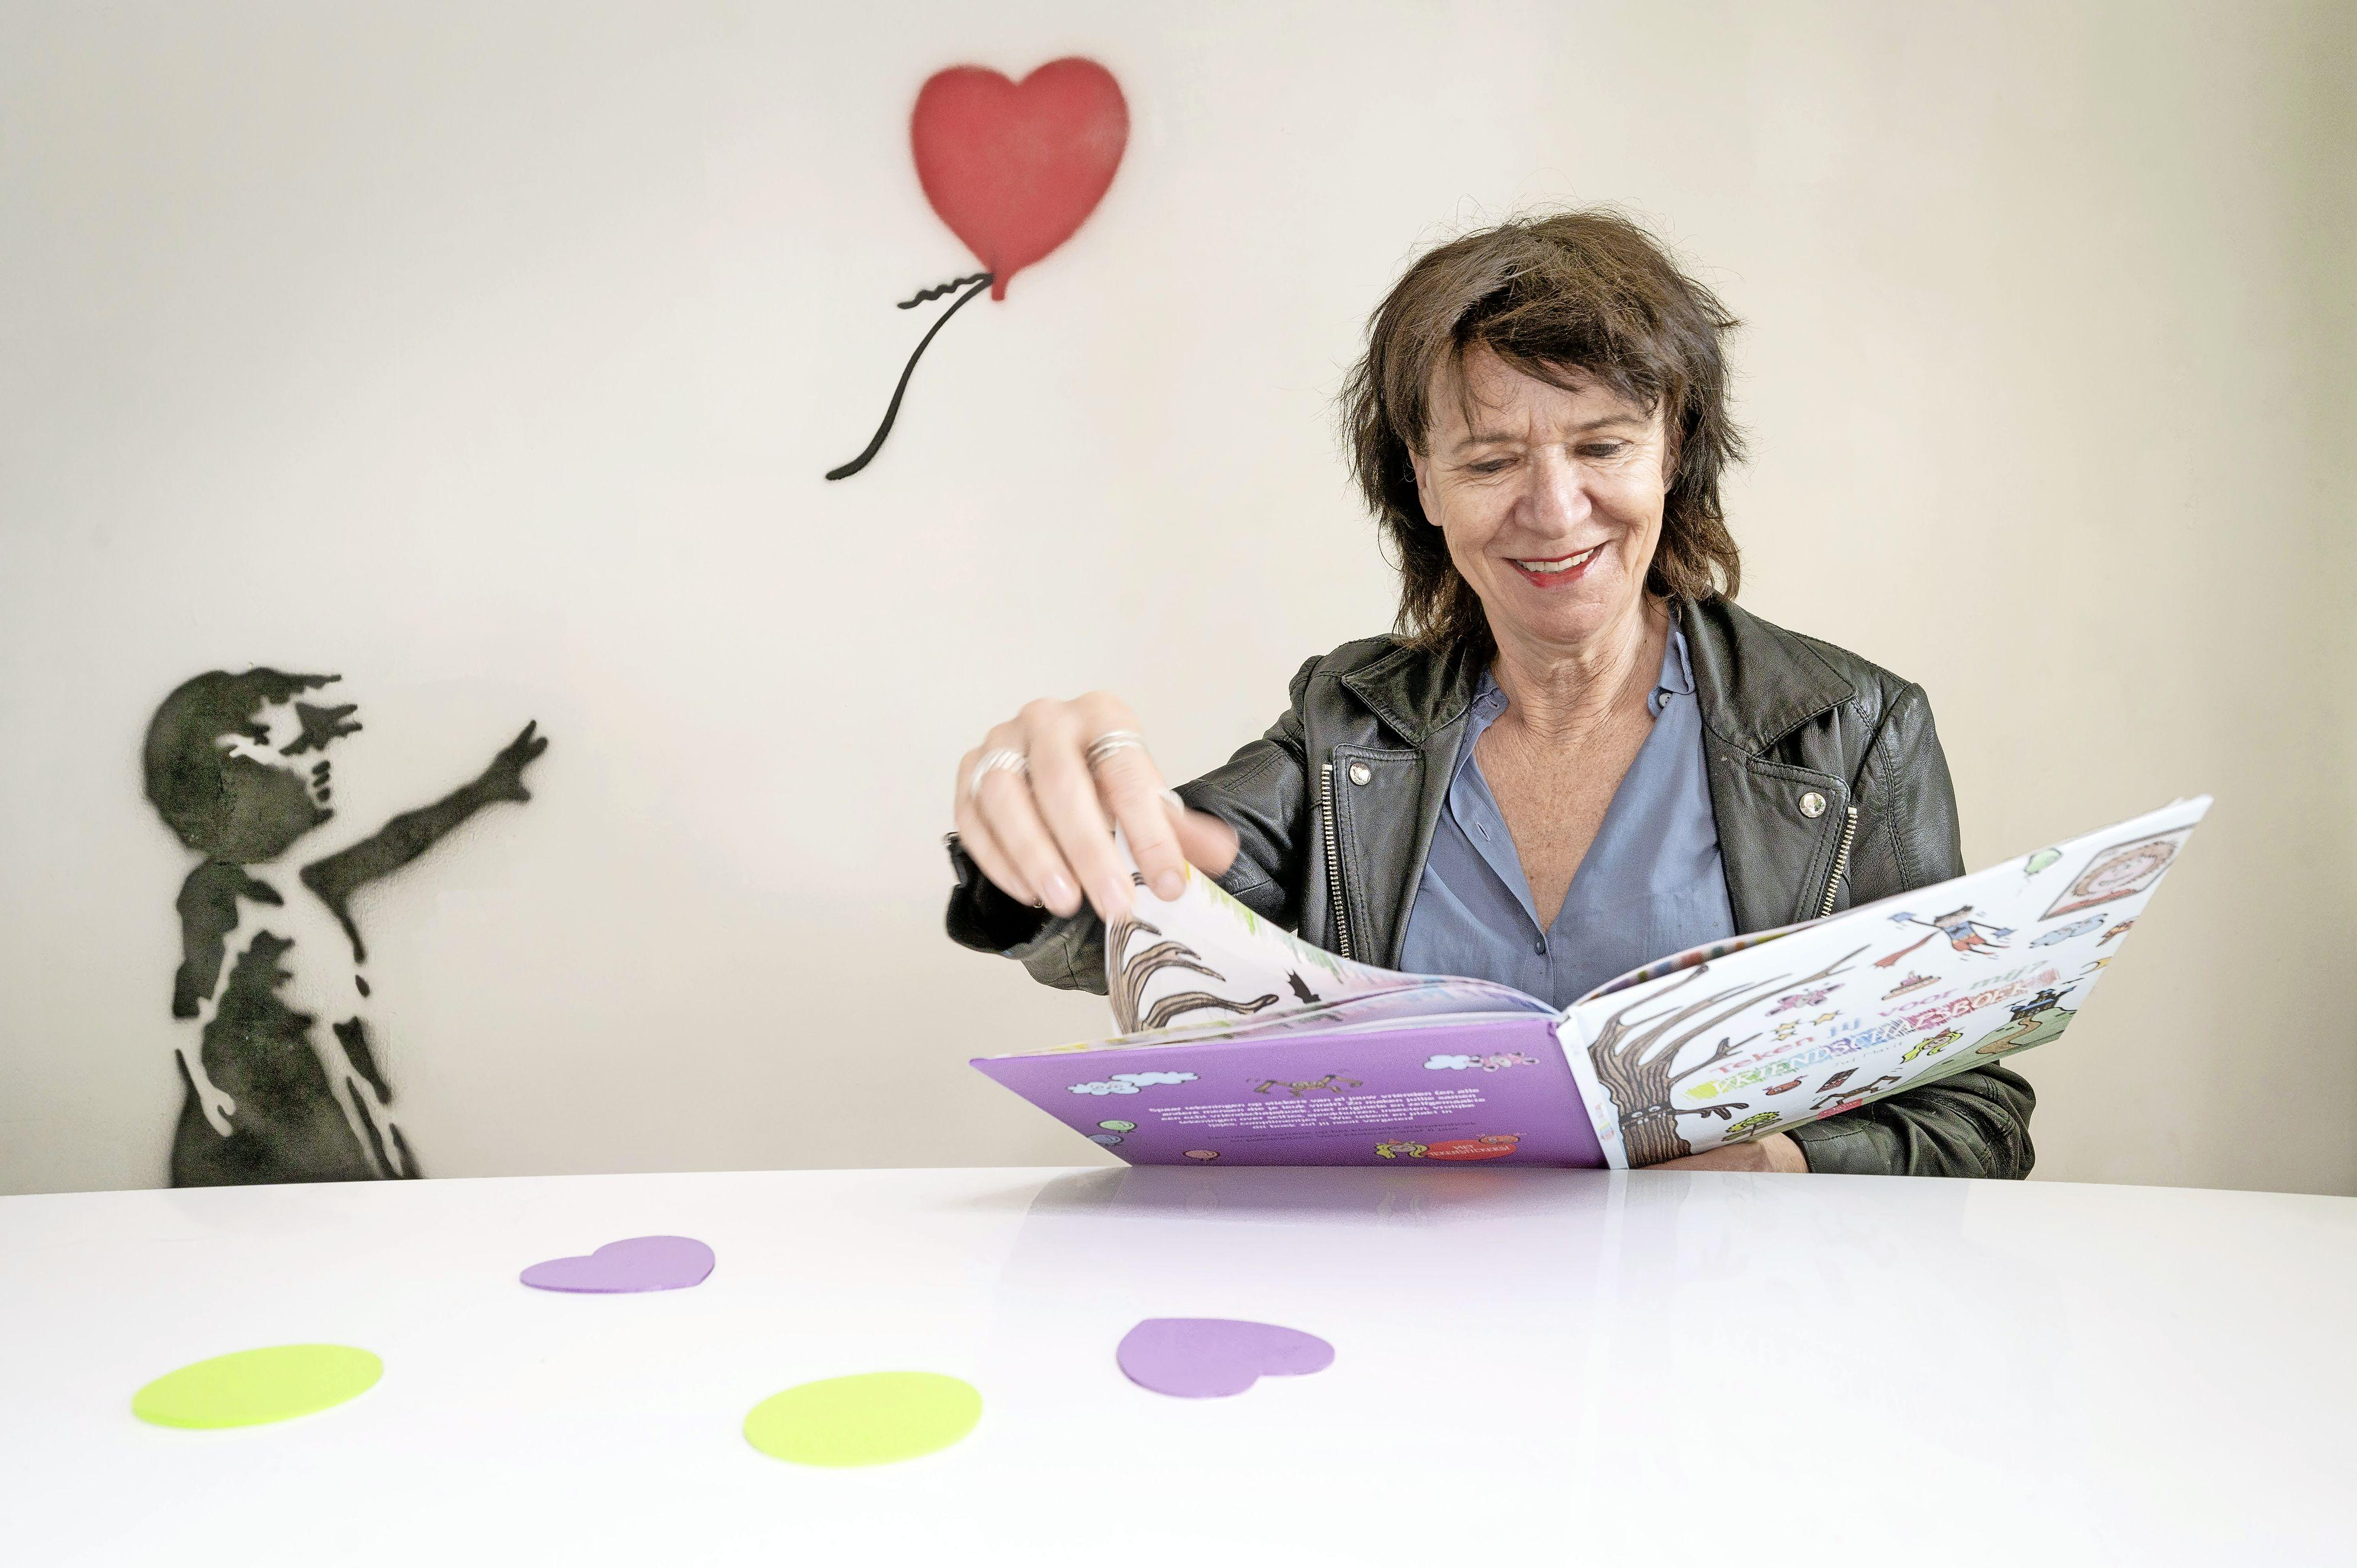 Digitale knutsellessen van Sassenheimse Juf Marit razend populair: 'Dertig kinderen die een schilderij maken in de stijl van Karel Appel, hoe mooi is dat?'